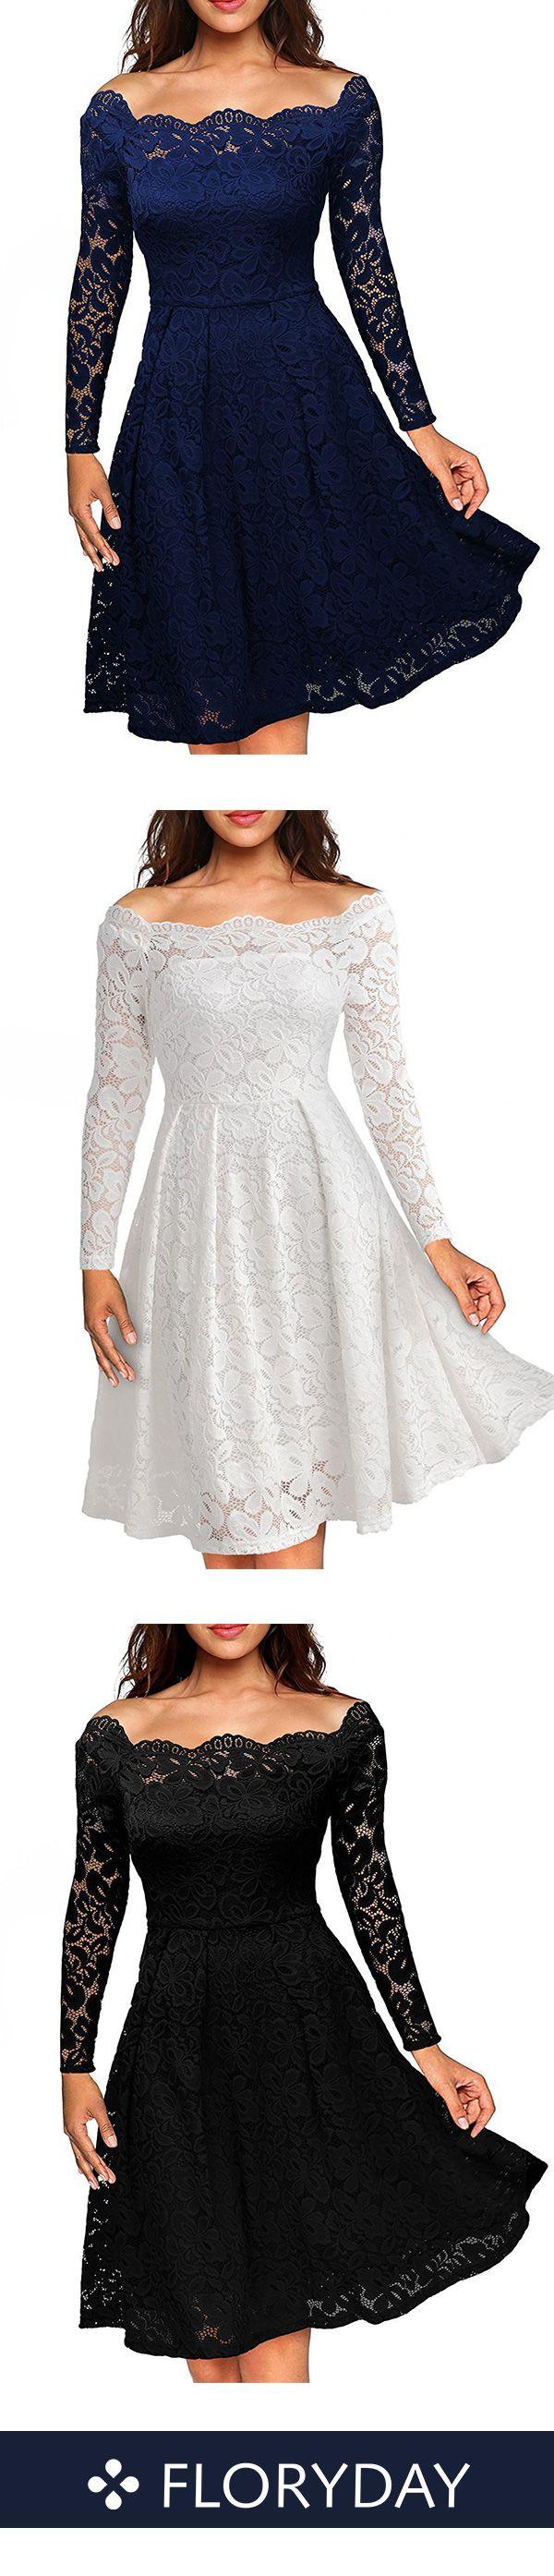 Knielanges Kleid aus Spitze  Kleid spitze, Damenmode kleider